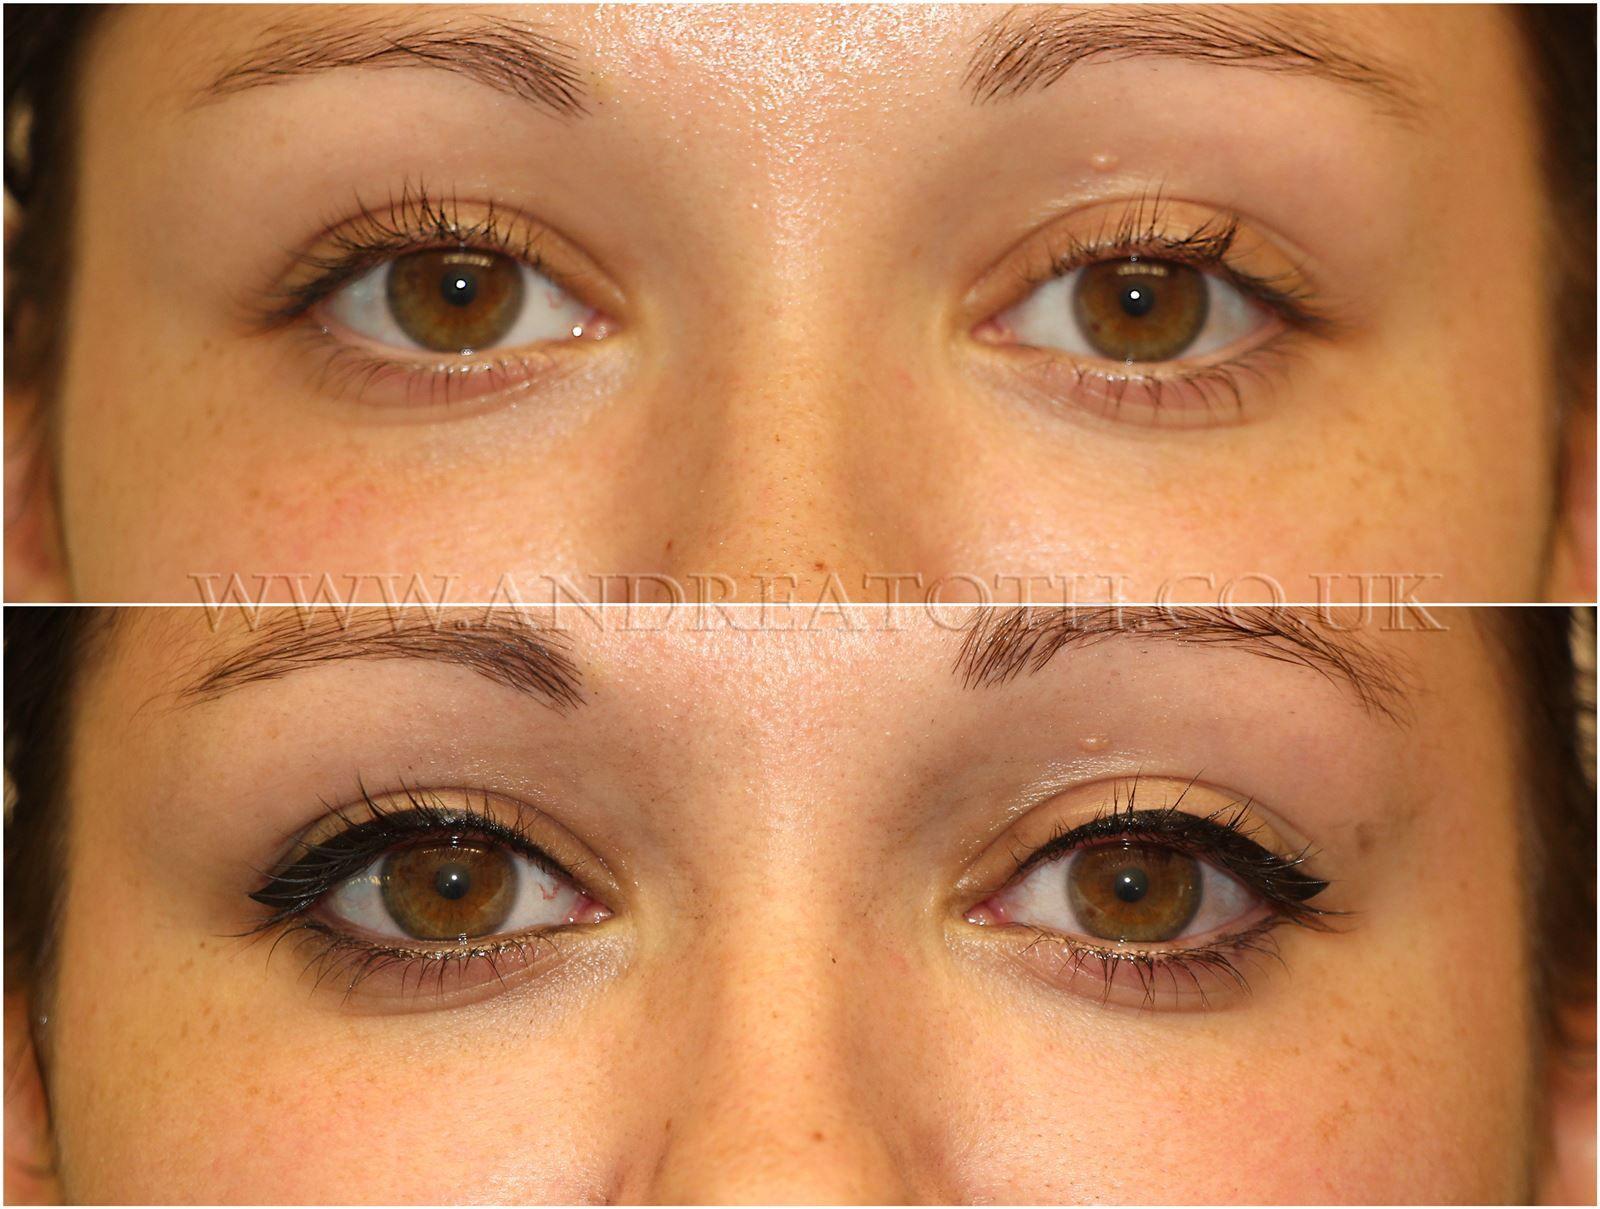 Épinglé par Moon Sun Rief sur Permanent Makeup Eyeliner